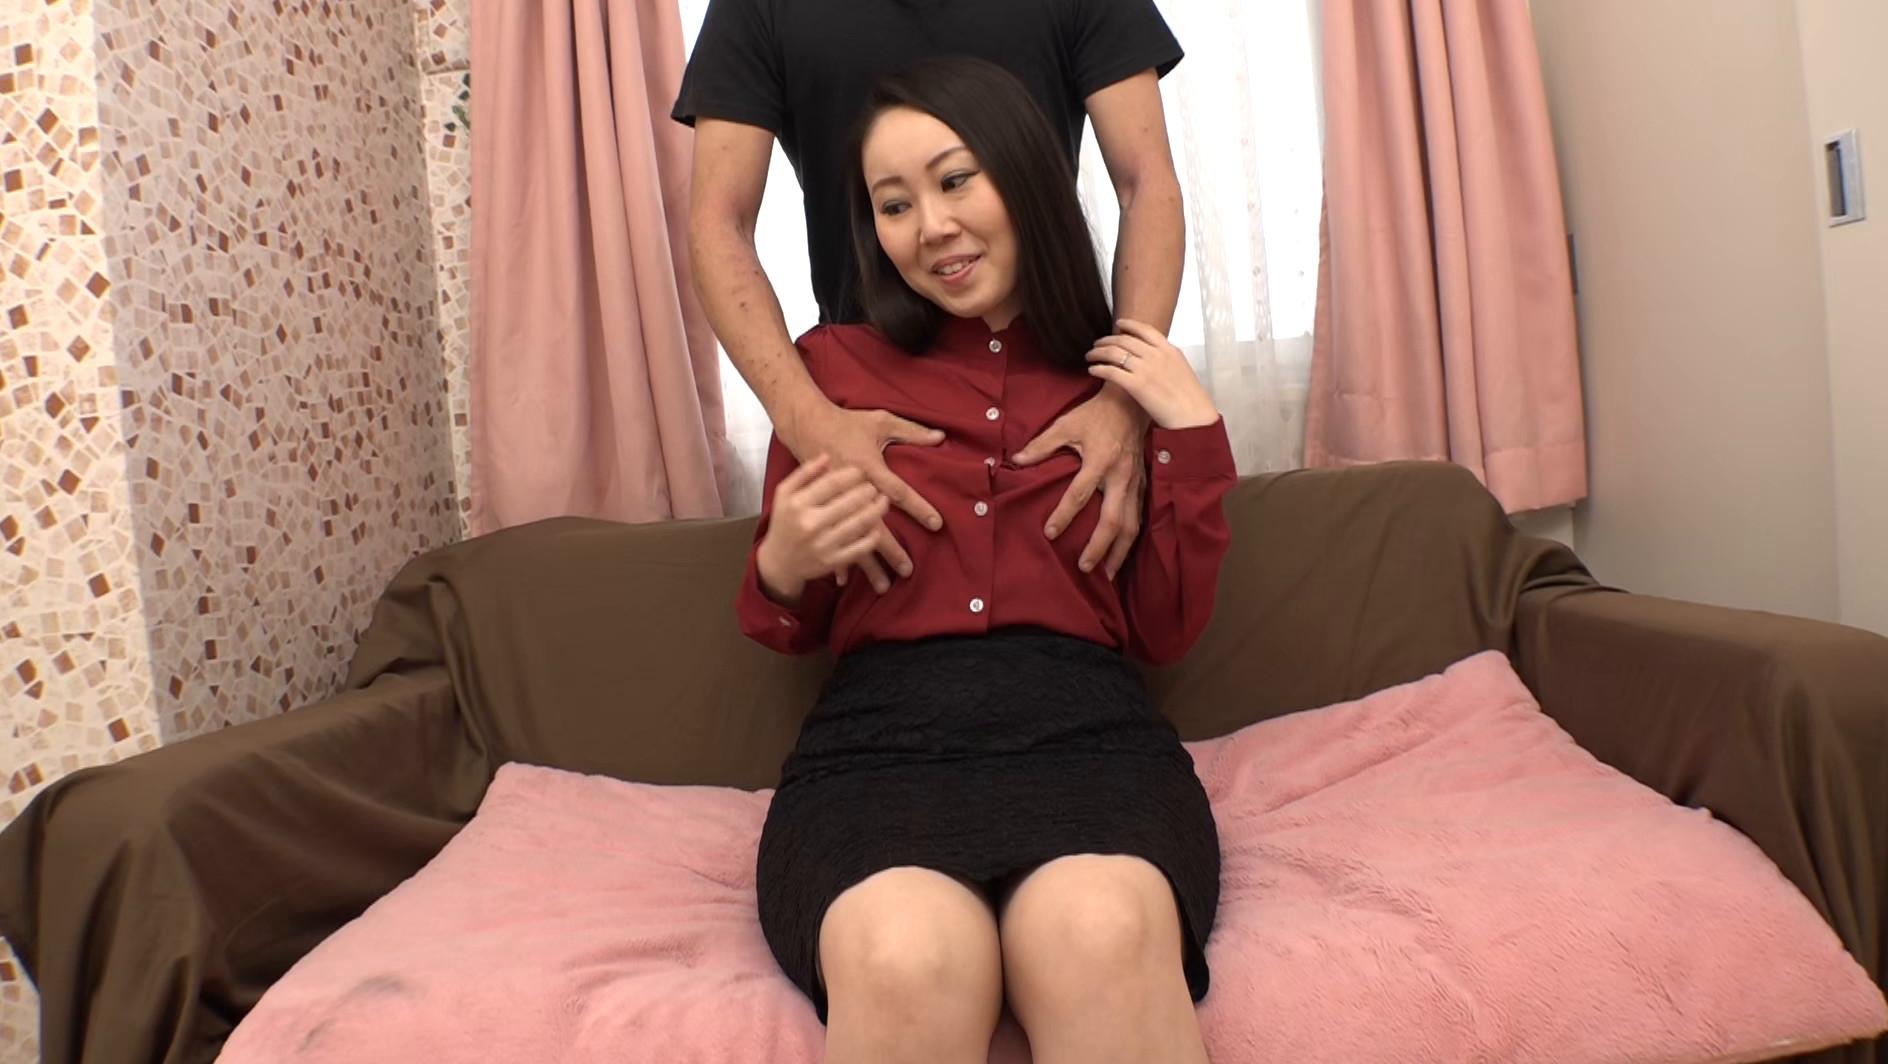 敏感すぎるウチの妻が着エロに出てました 小西奈々美